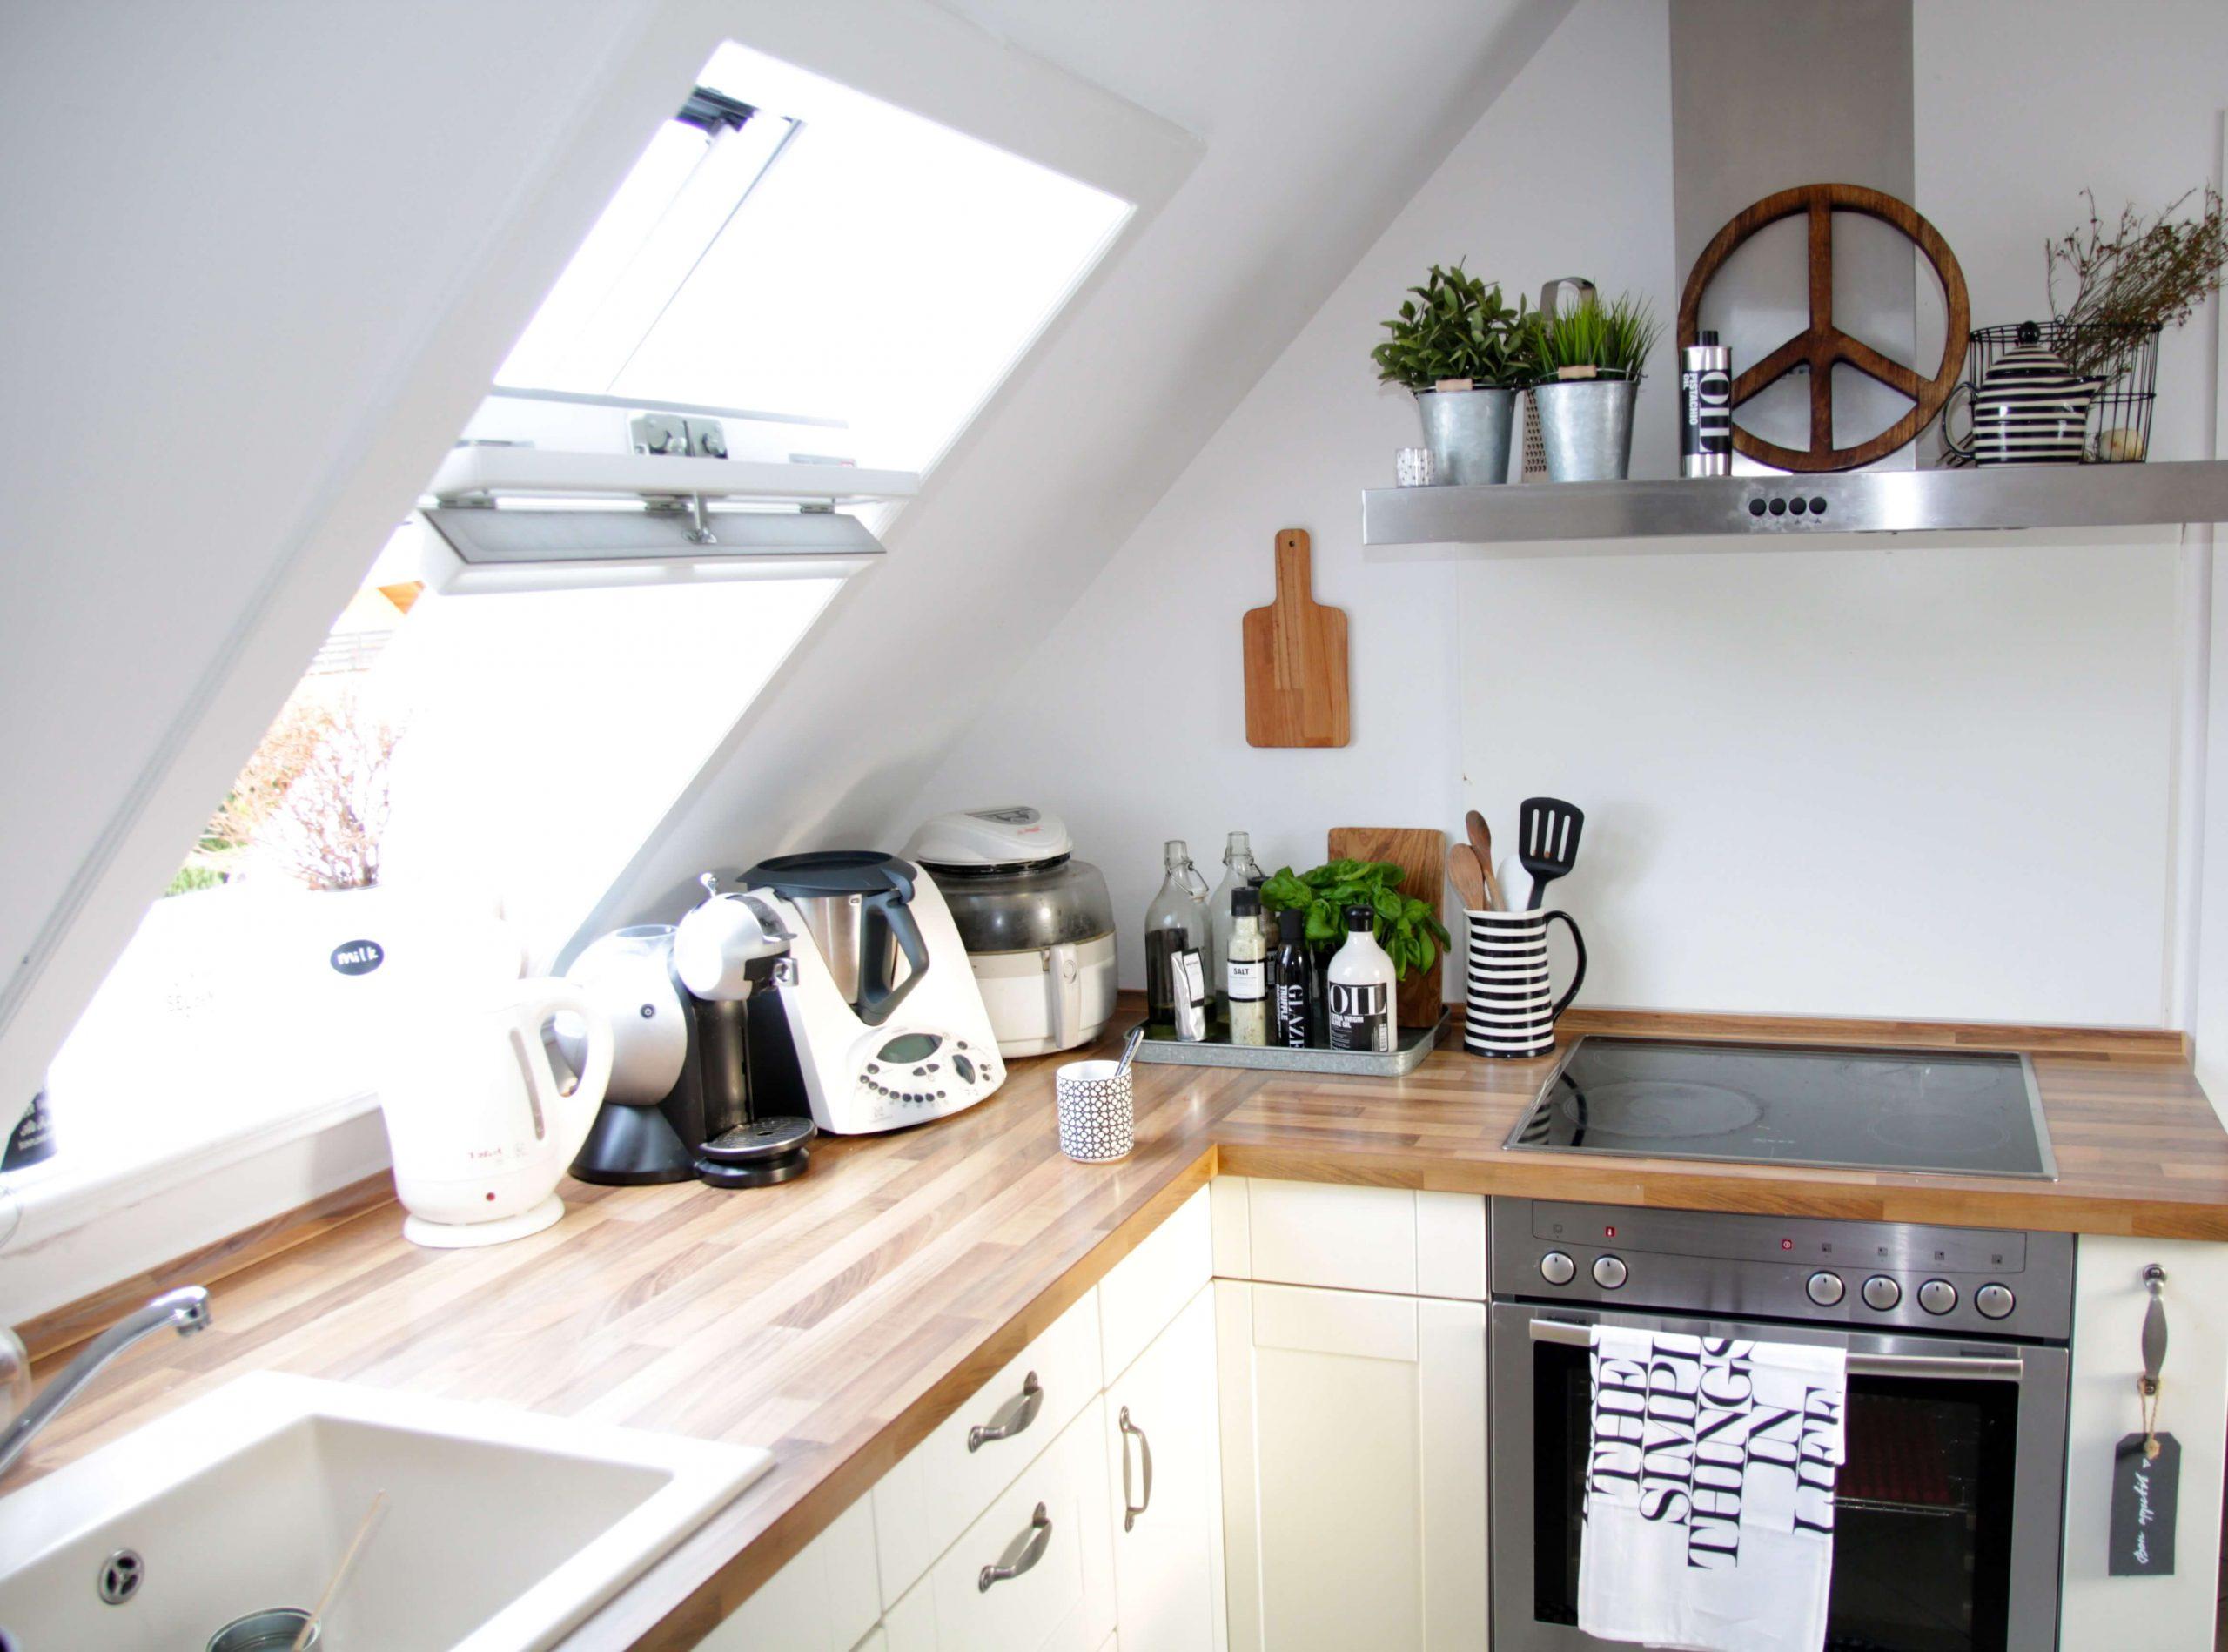 Full Size of Küche Einrichten Shabby Chic Küche Einrichten Programm Dunkle Küche Einrichten Restaurant Küche Einrichten Kosten Küche Küche Einrichten